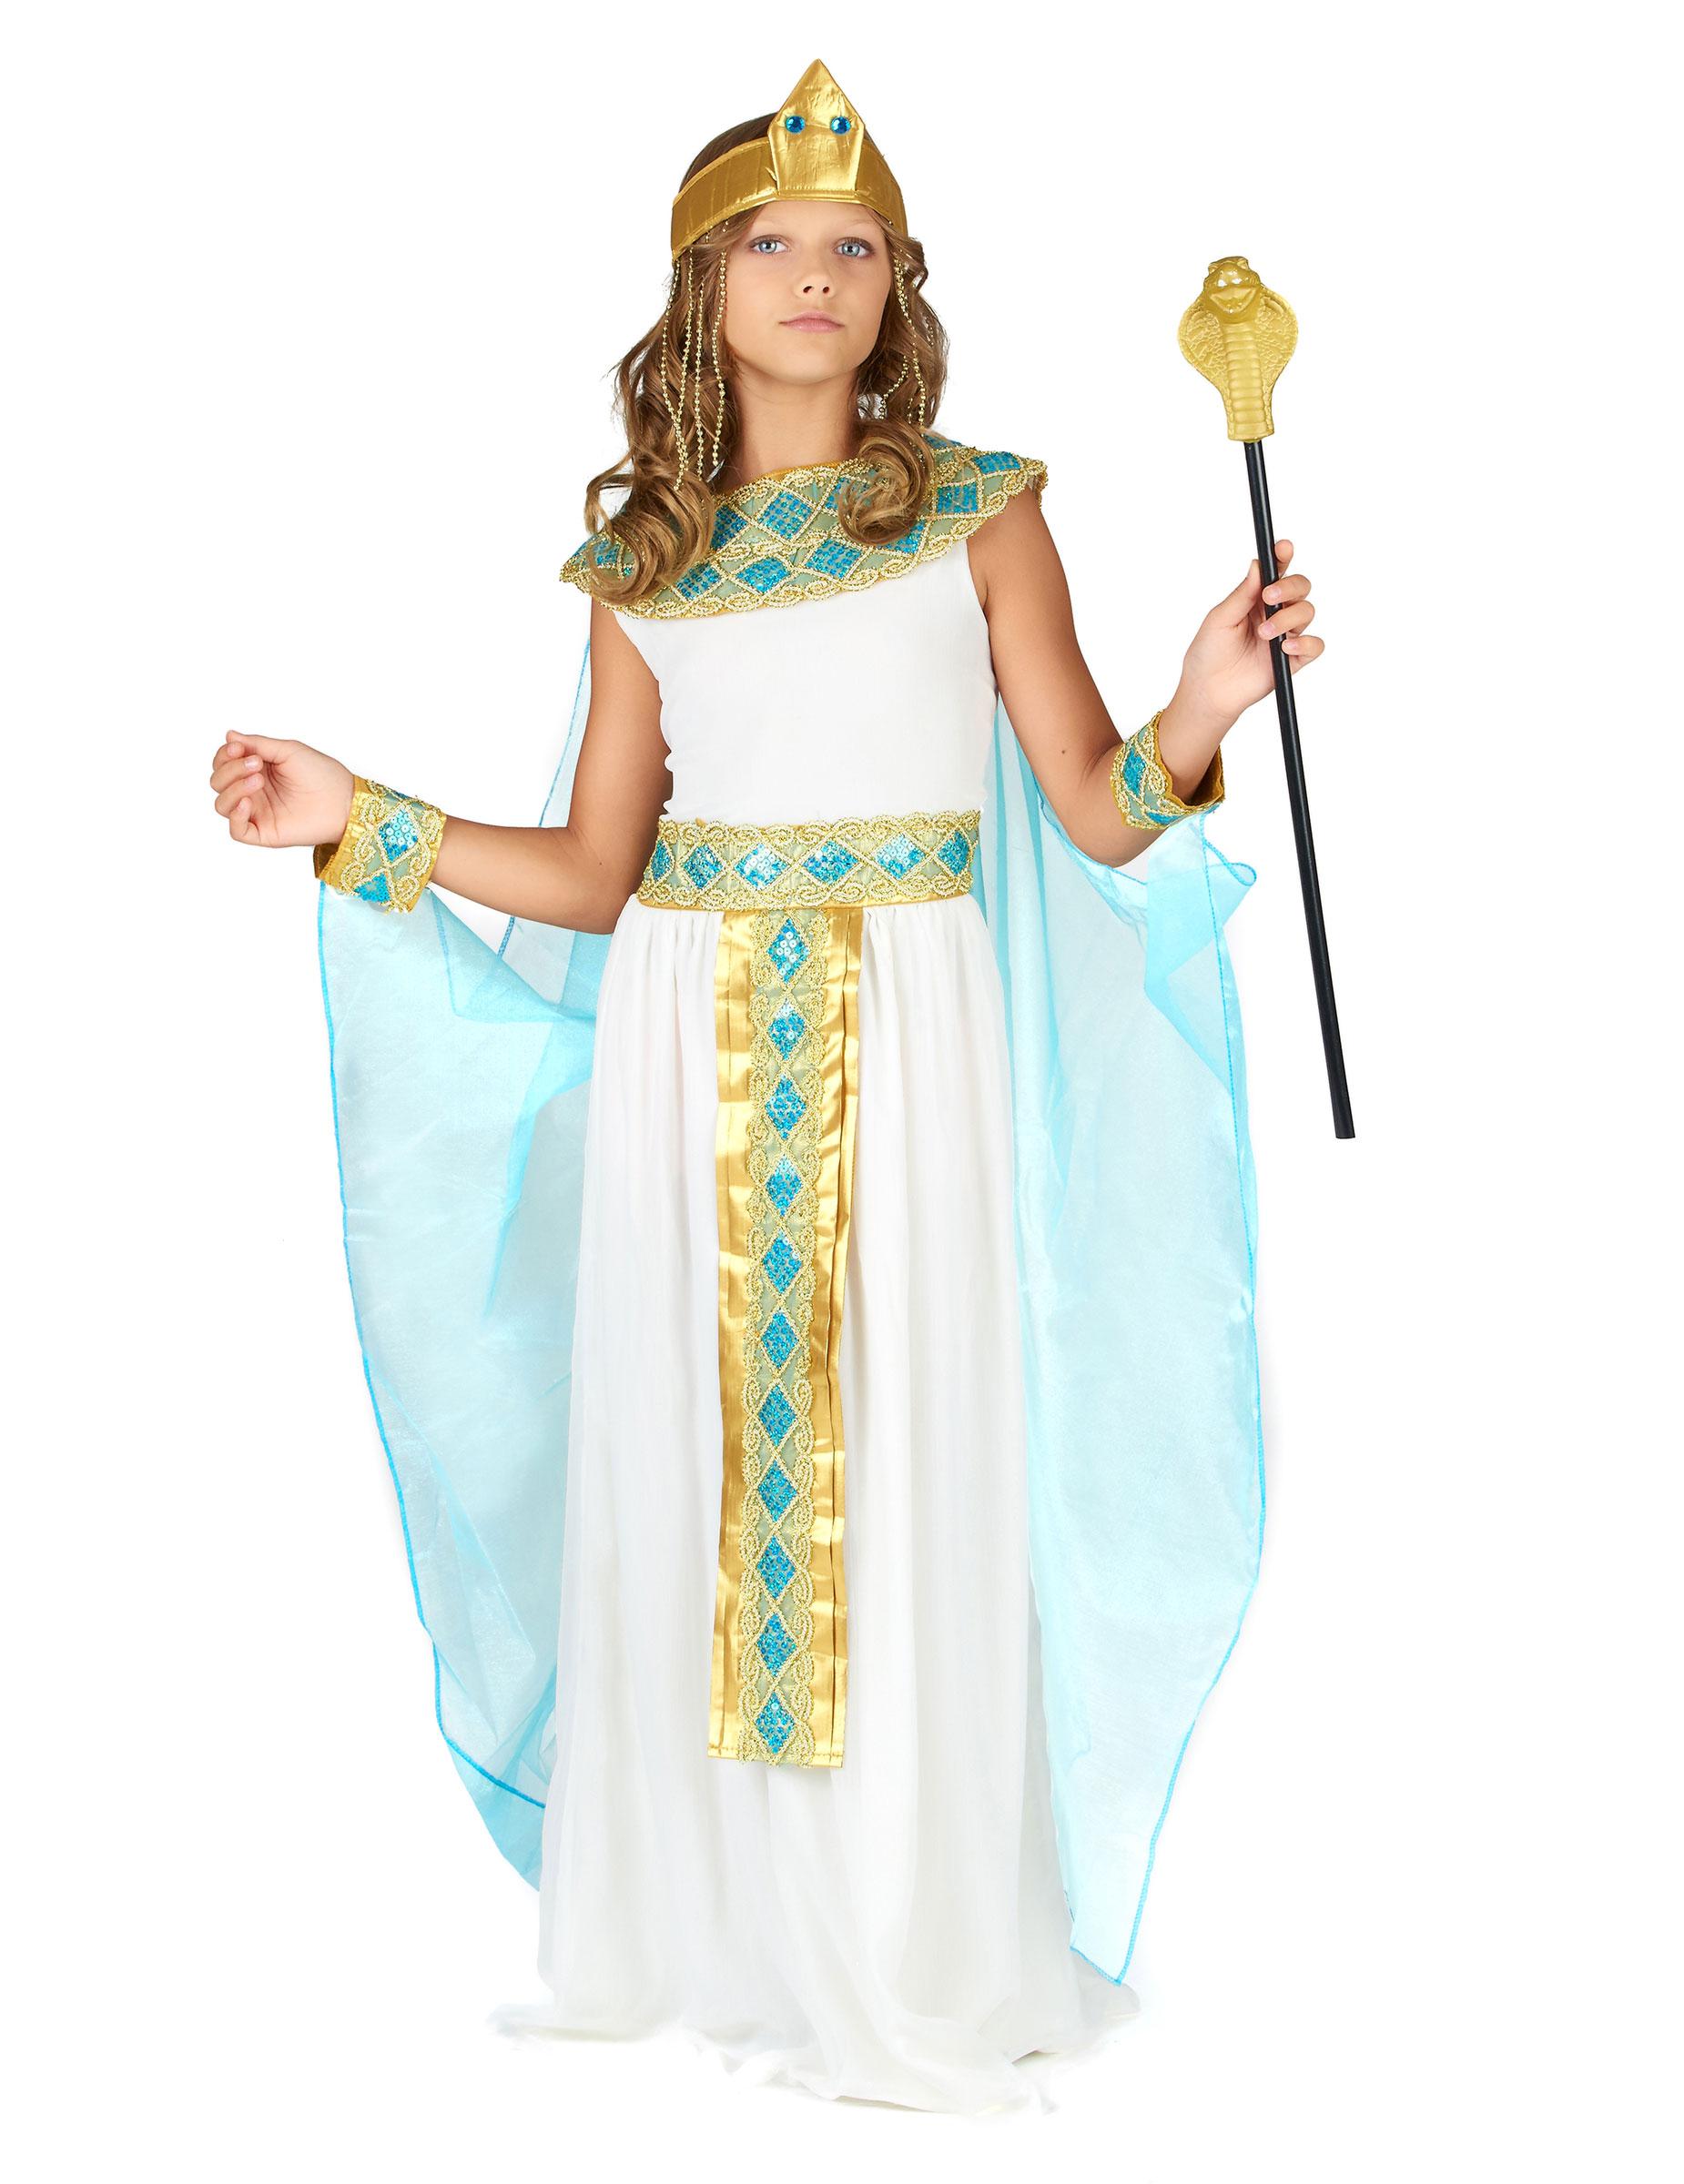 54234f8ce4836 Costumi da personaggi storici per bambini - Vegaoo.it